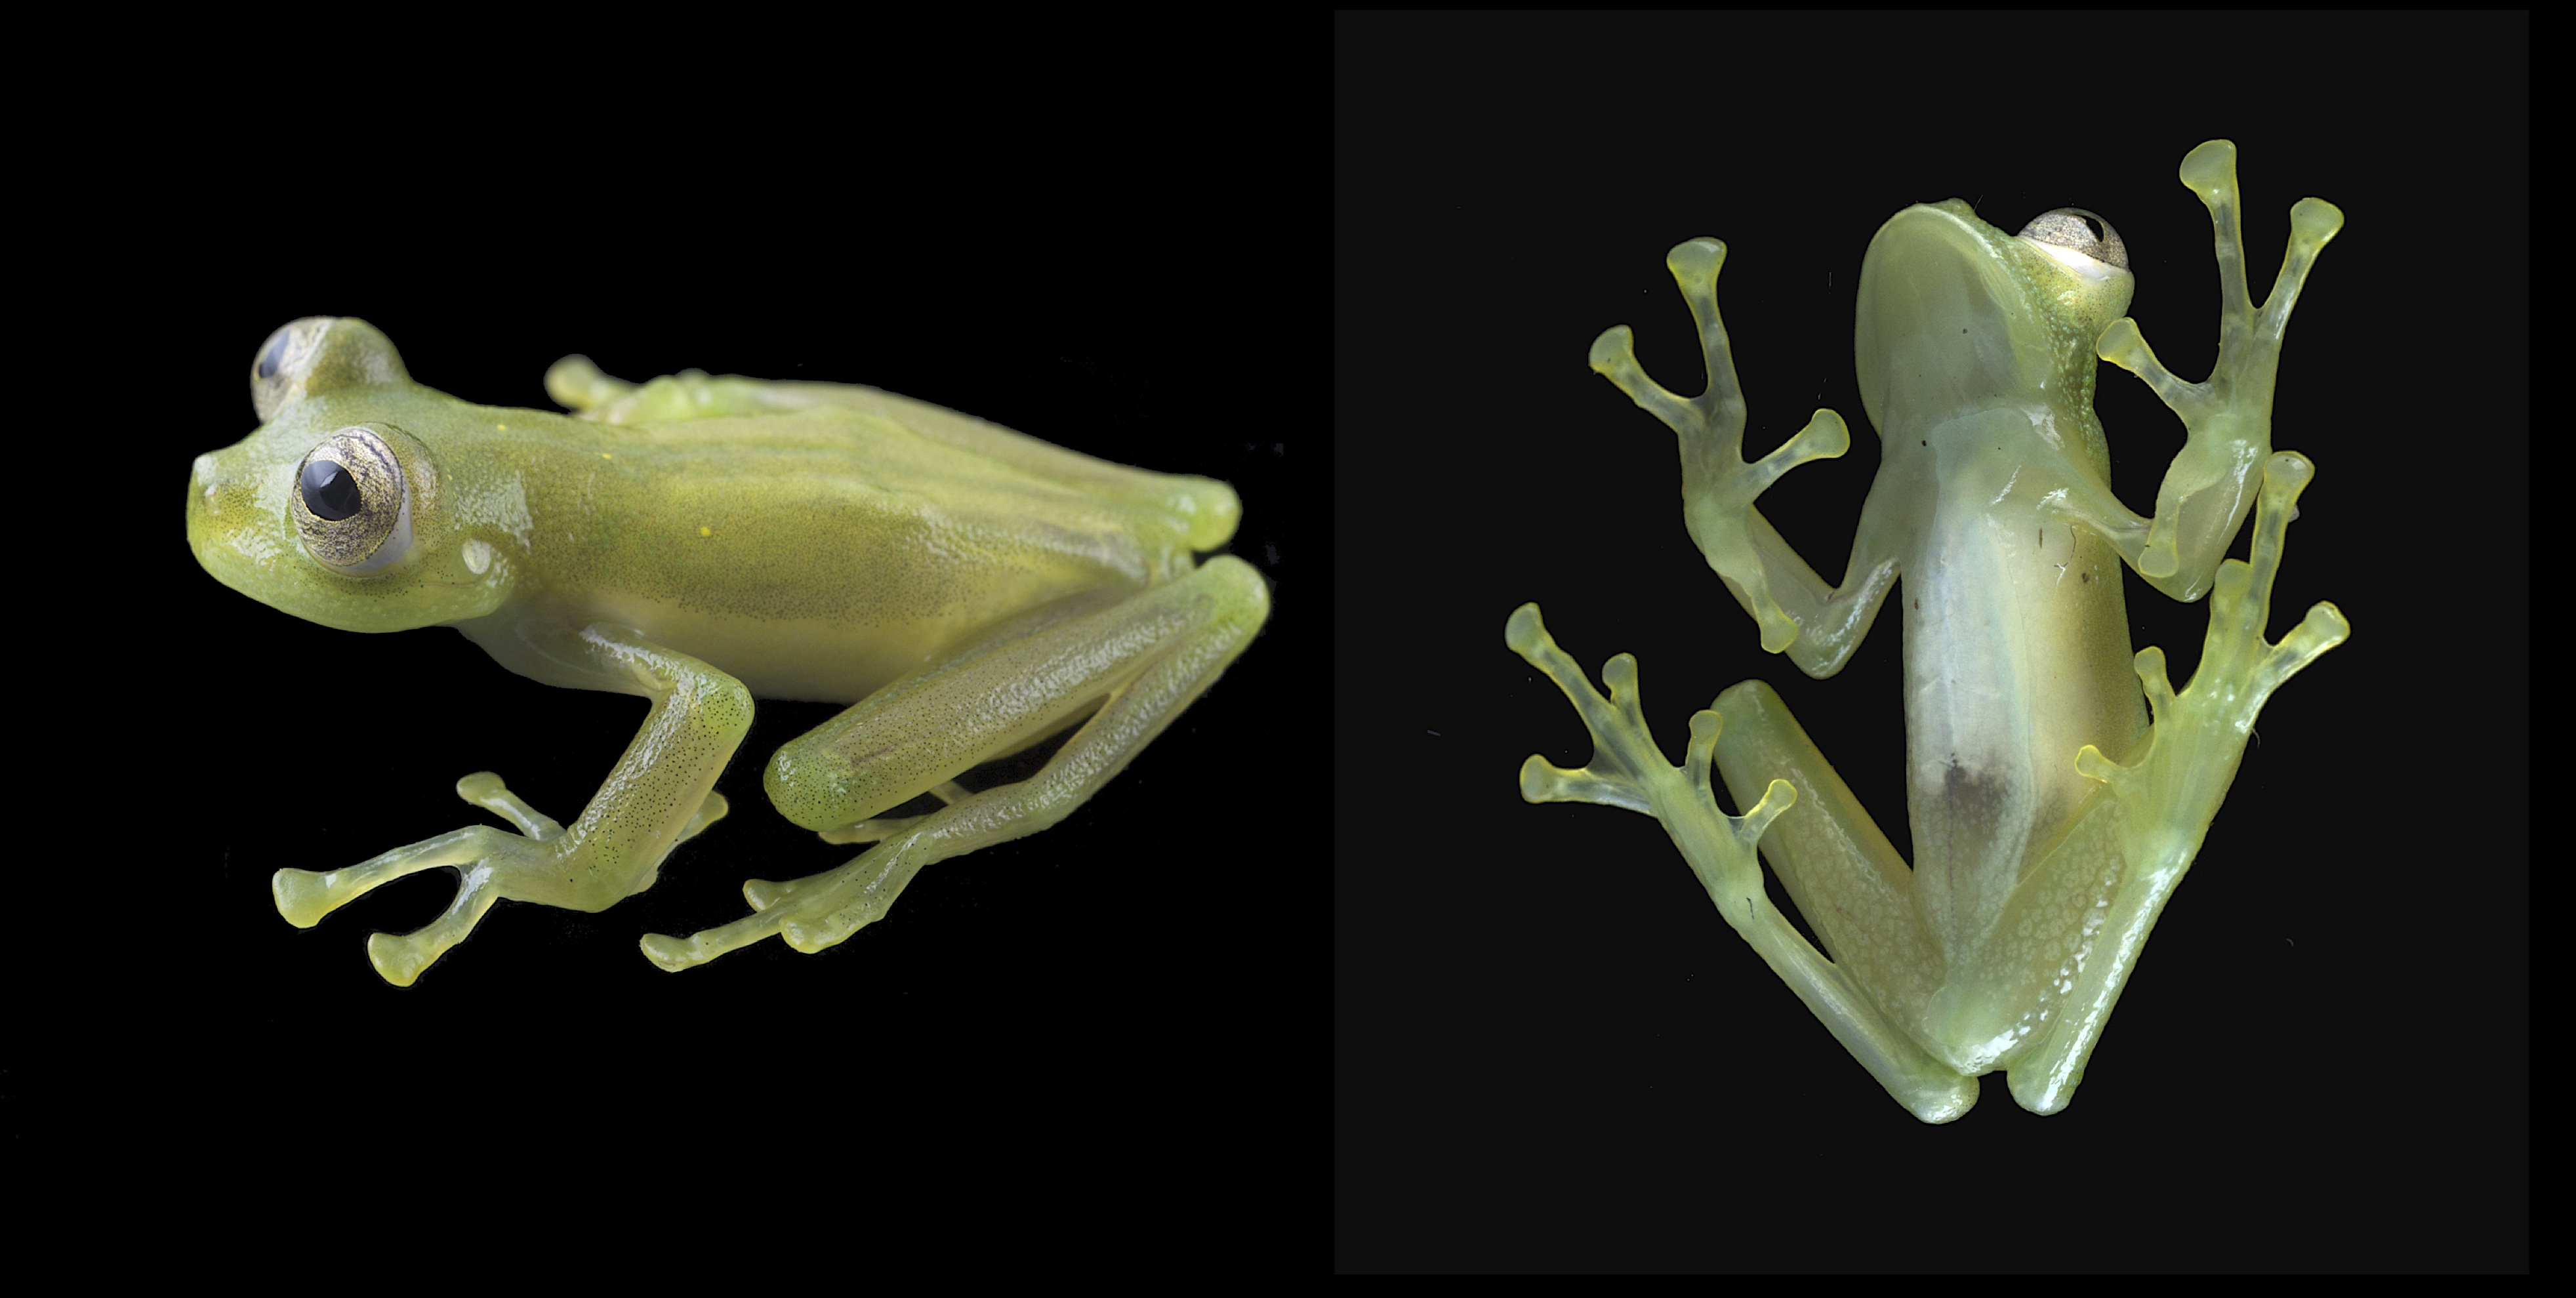 Ranas de cristal. Nymphargus humboldti. Especie nueva descrita por Juan Manuel Guayasamin y colaboradores. Fotos: Luis A. Coloma.